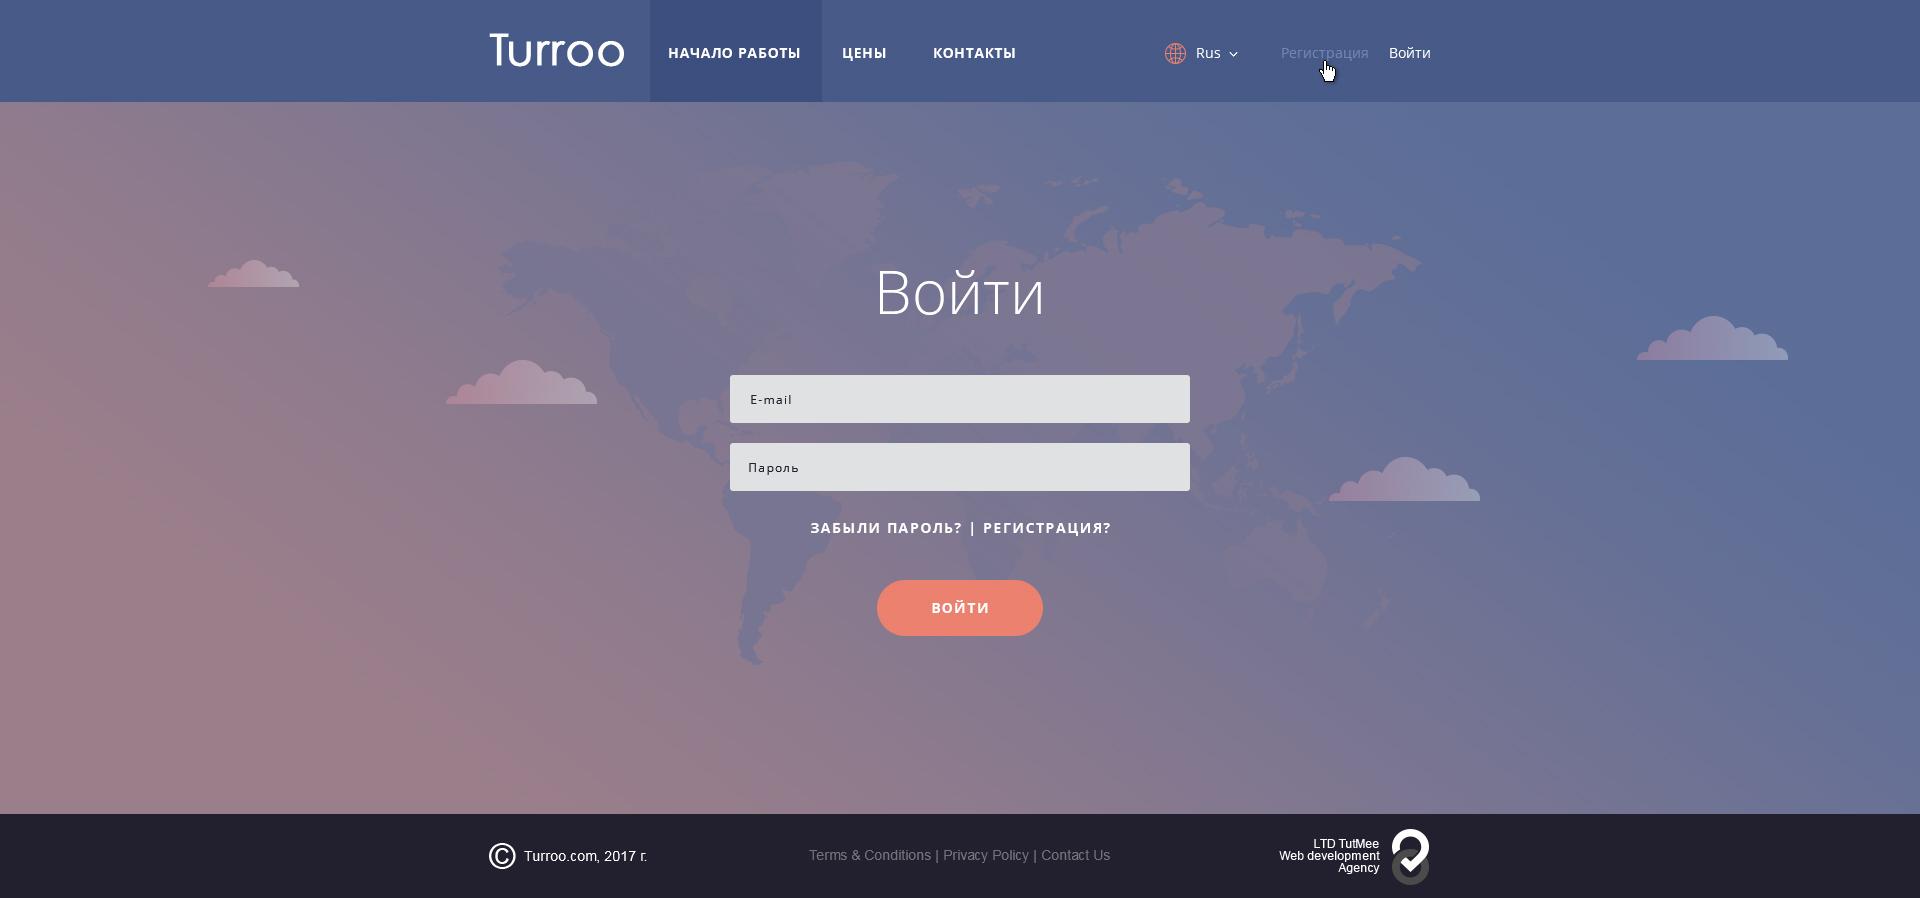 Адаптивный дизайн Сервиса Turroo - платформа для проведения экскурсий